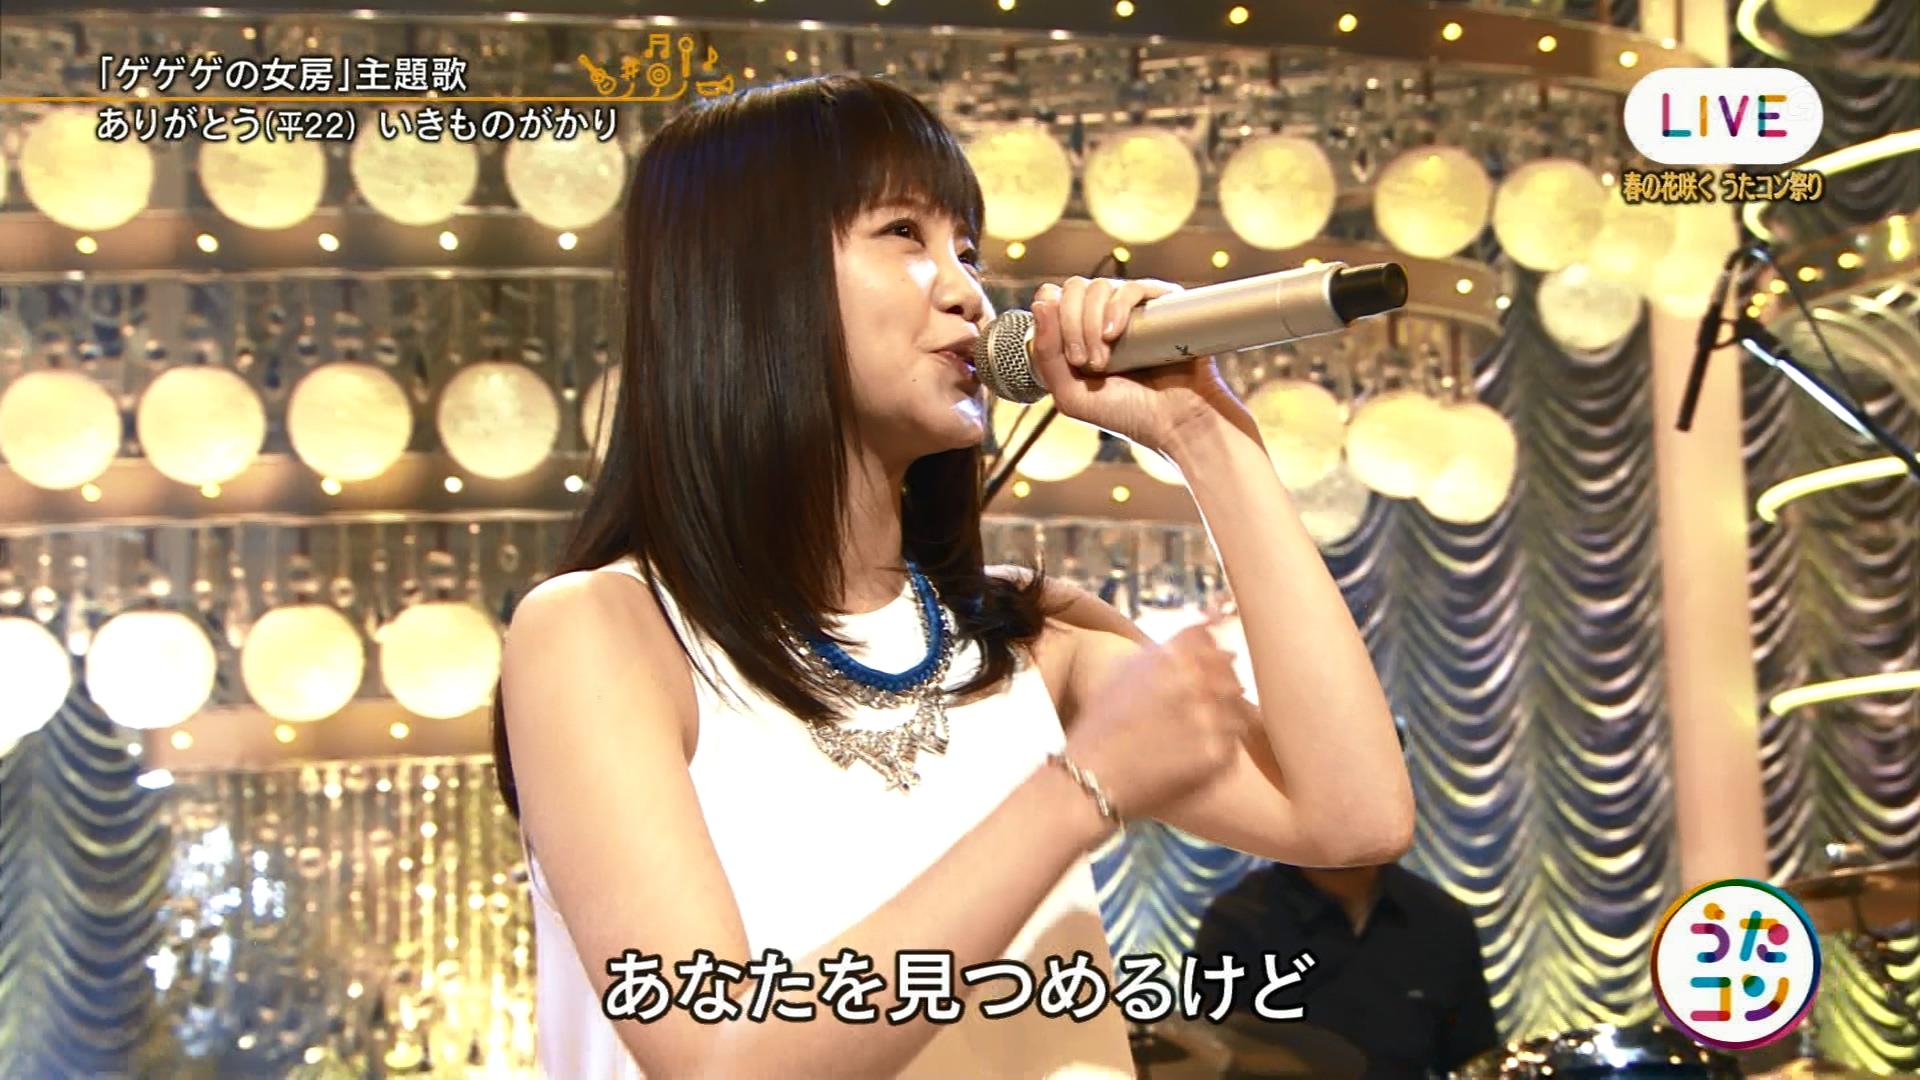 2016.04.12 全場(うたコン).ts_20160412_205049.840